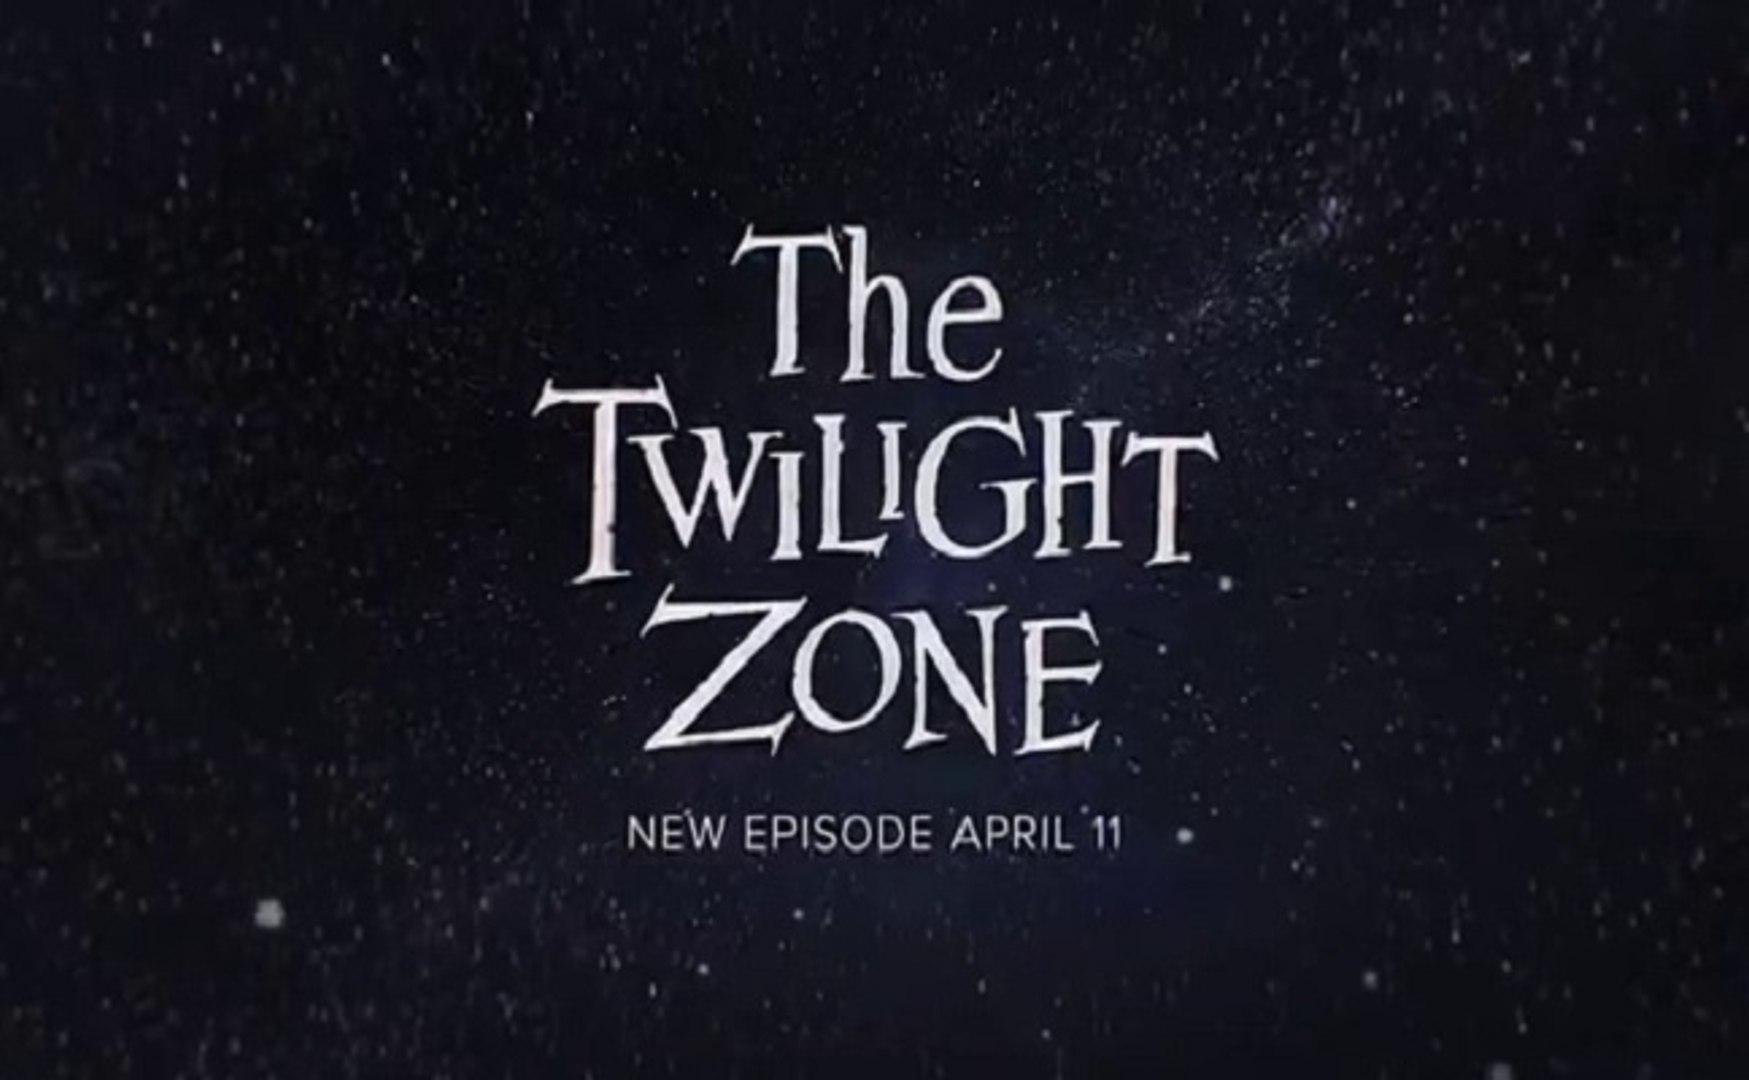 The Twilight Zone - Promo 1x03